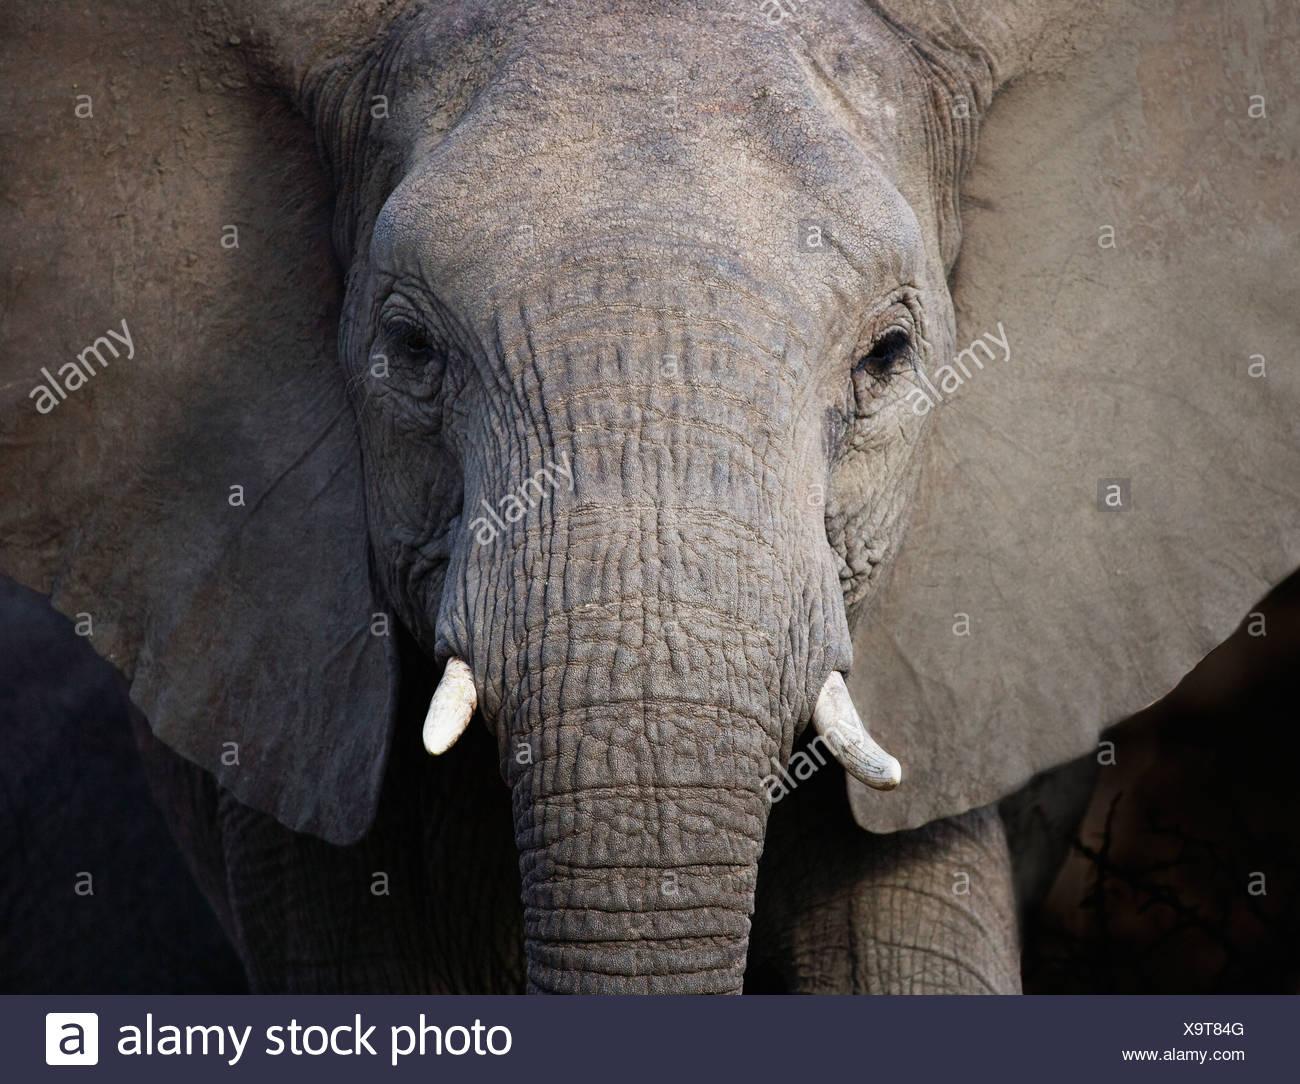 Close up of elephant - Stock Image